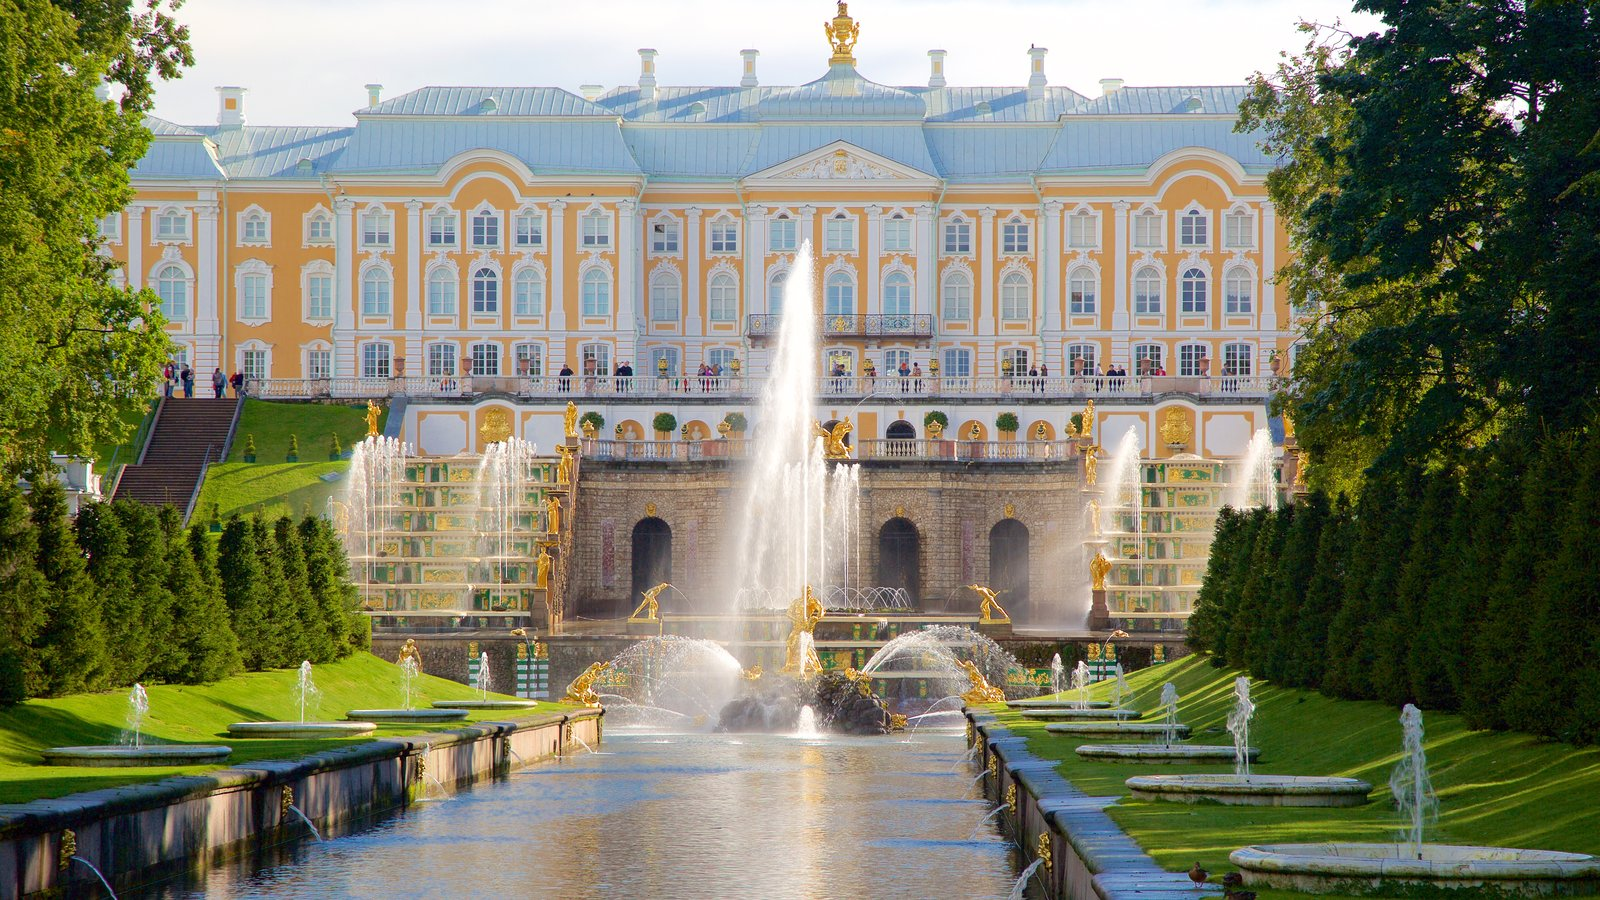 Palácio e Jardins Peterhof mostrando uma fonte e arquitetura de patrimônio